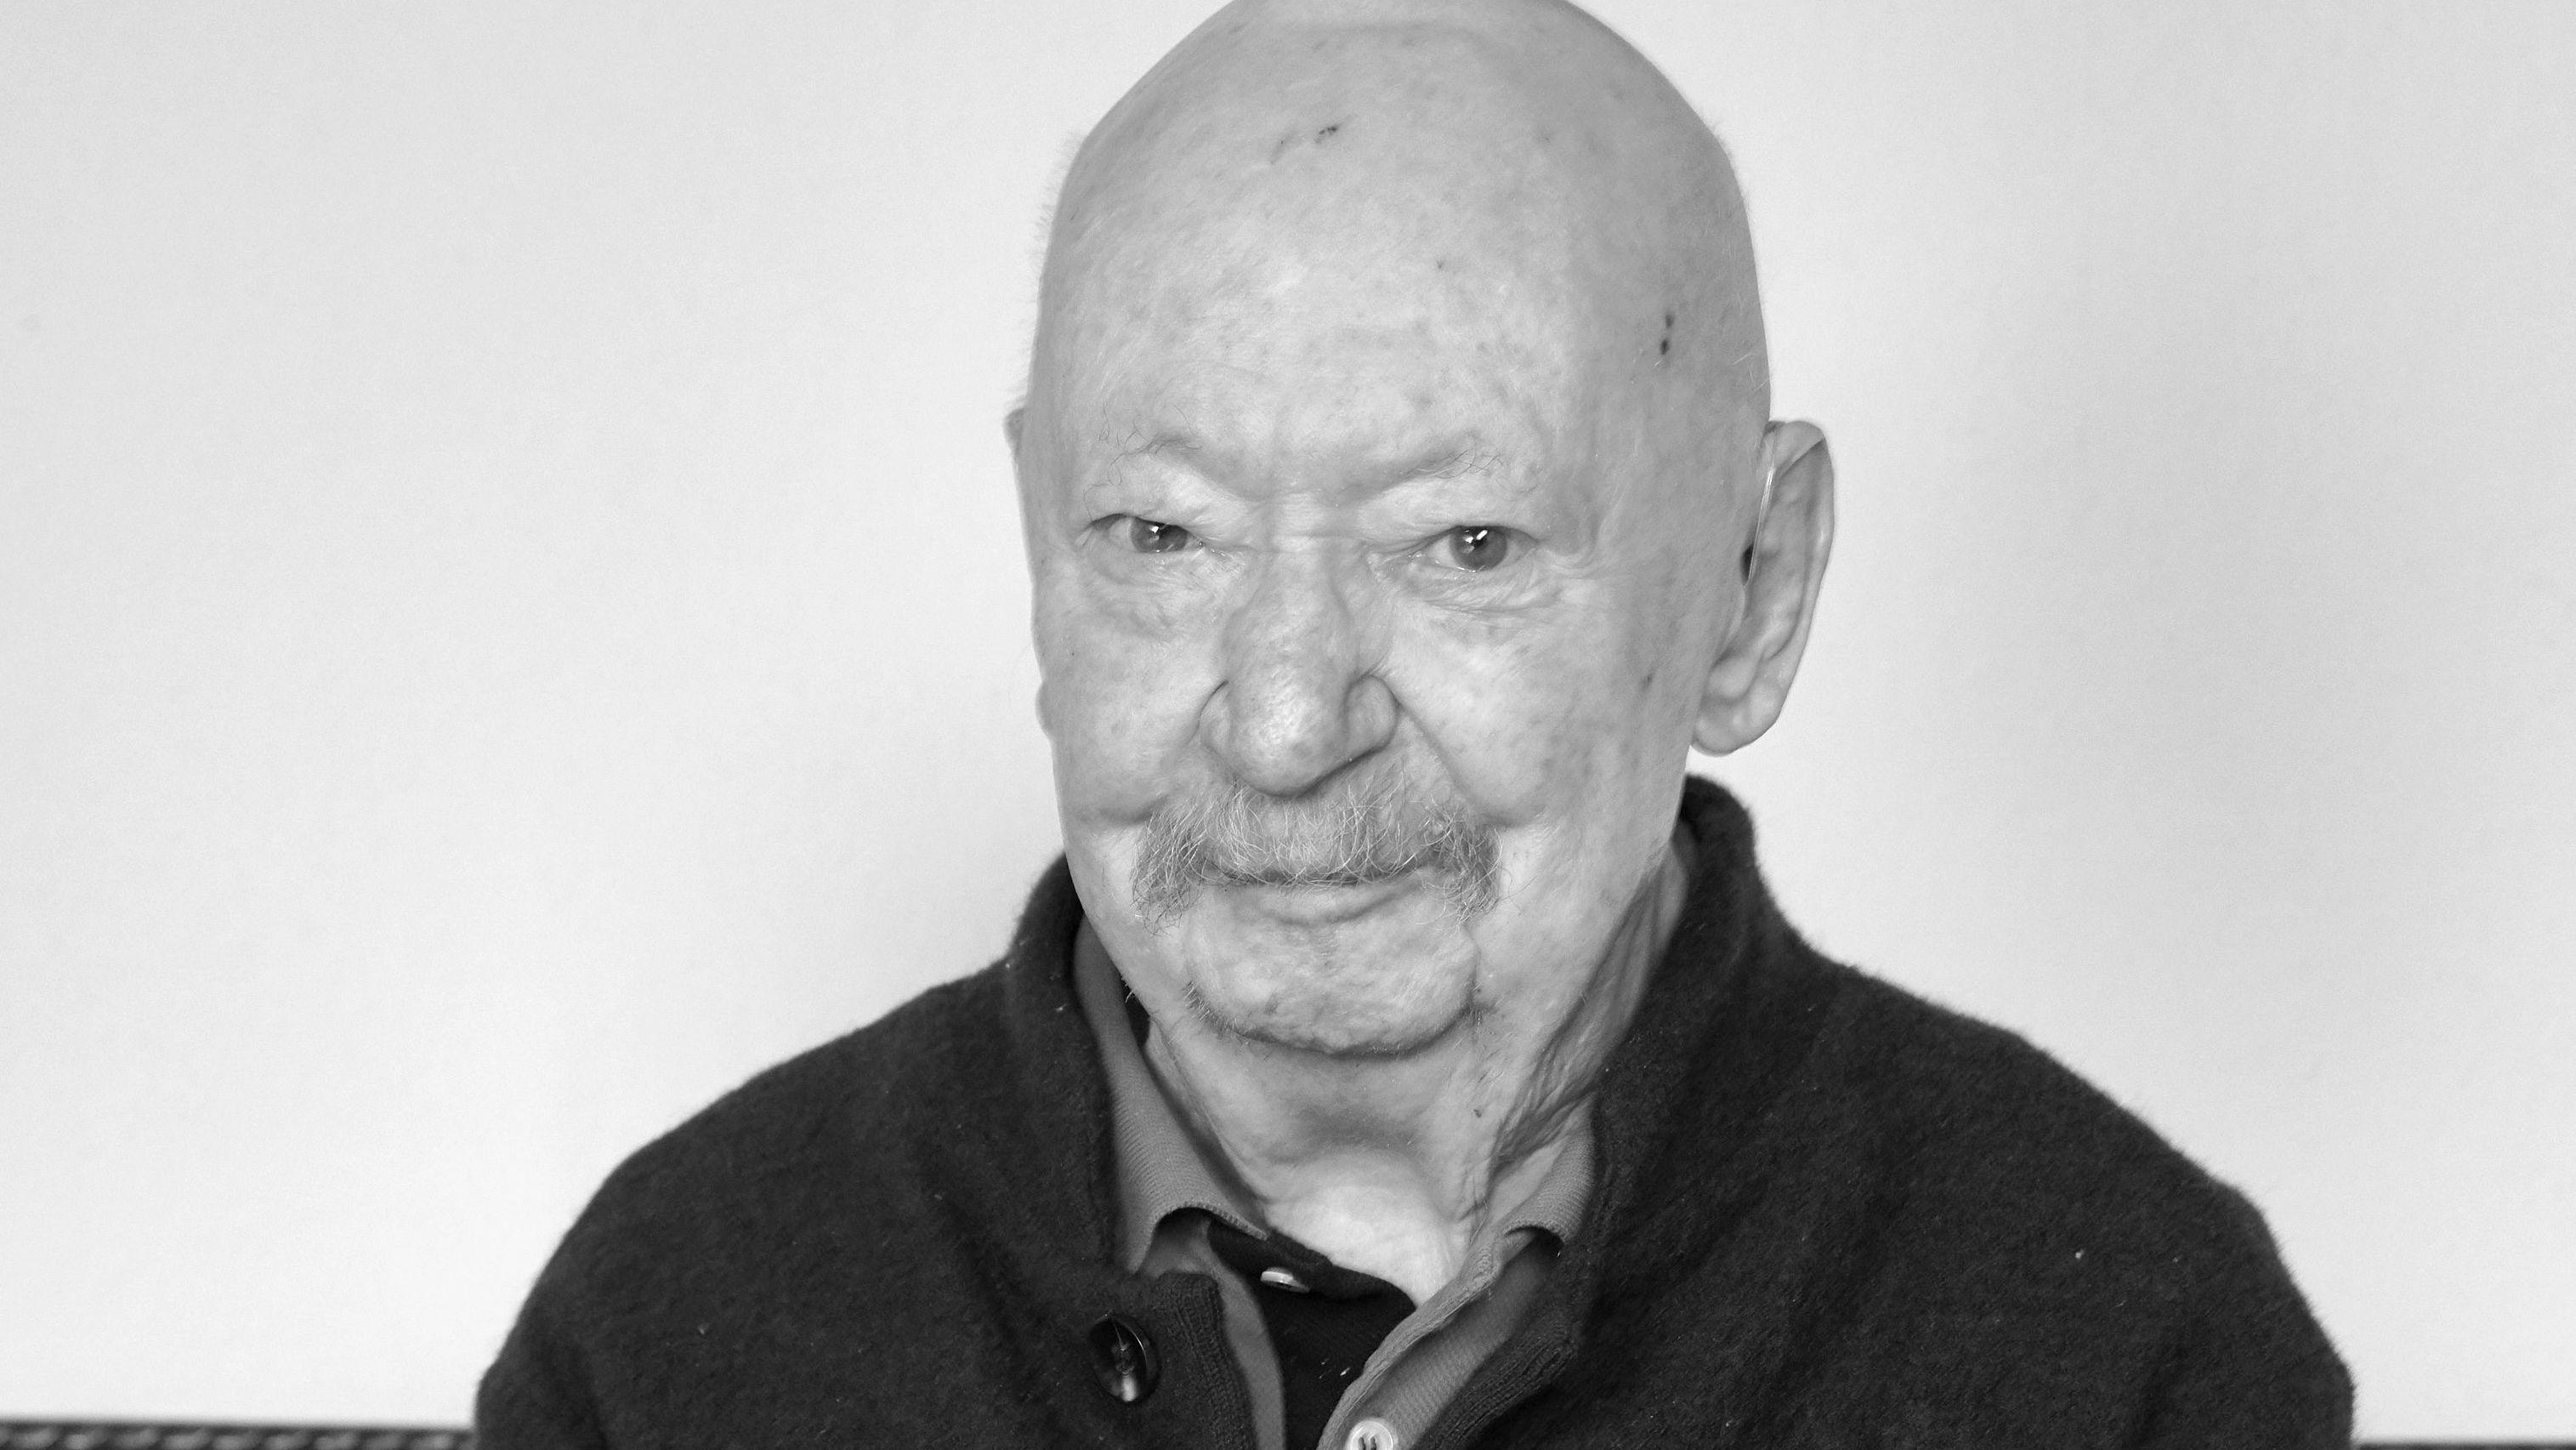 Portrait des Autors Günter Kunert